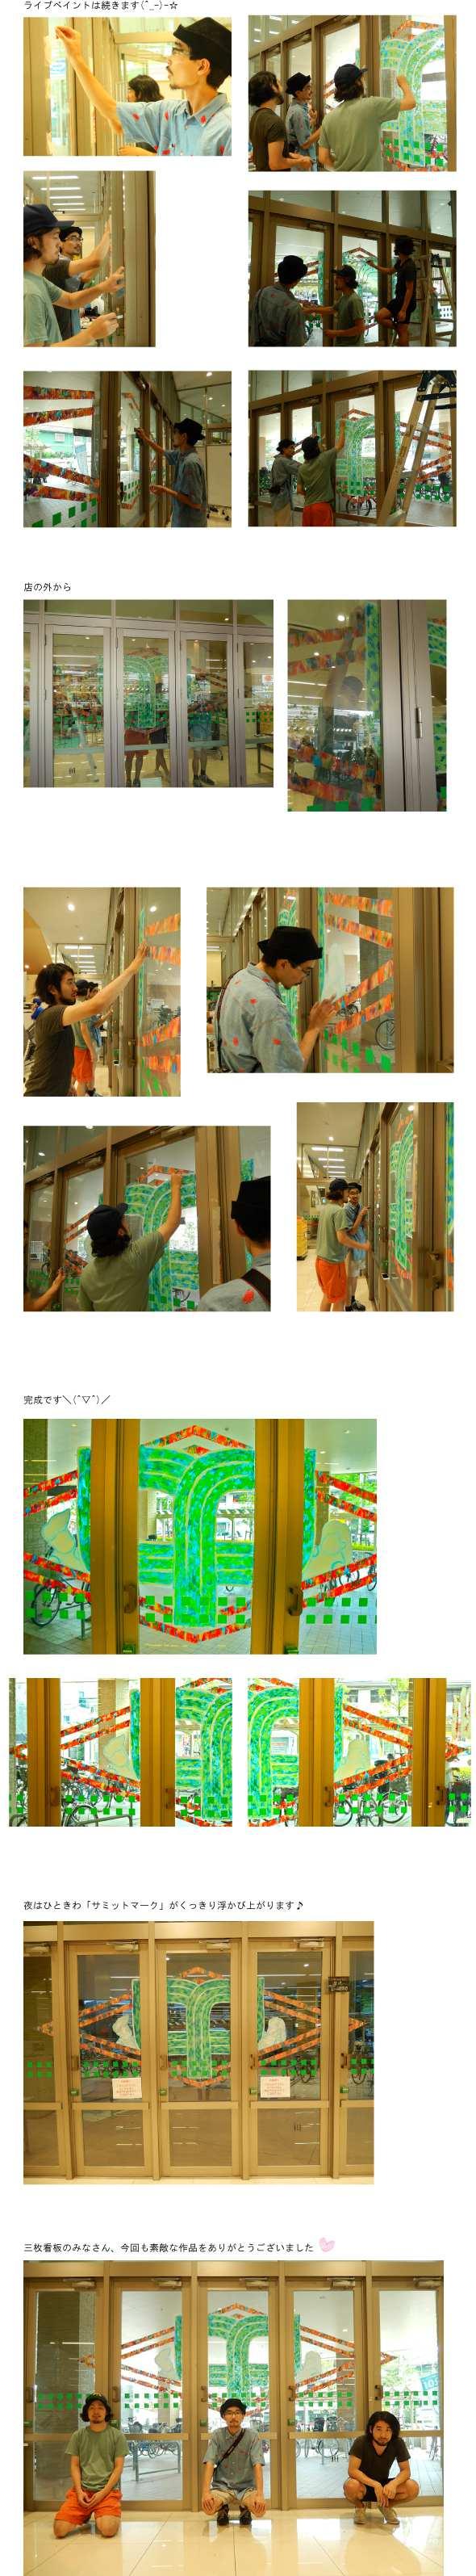 武蔵野美術大学アーティストユニット「三枚看板」ウインドーギャラリー第2弾「ENCOUNTER(遭遇)」&キットパスお絵かき@サミットストア成城店(2013年7月27日)